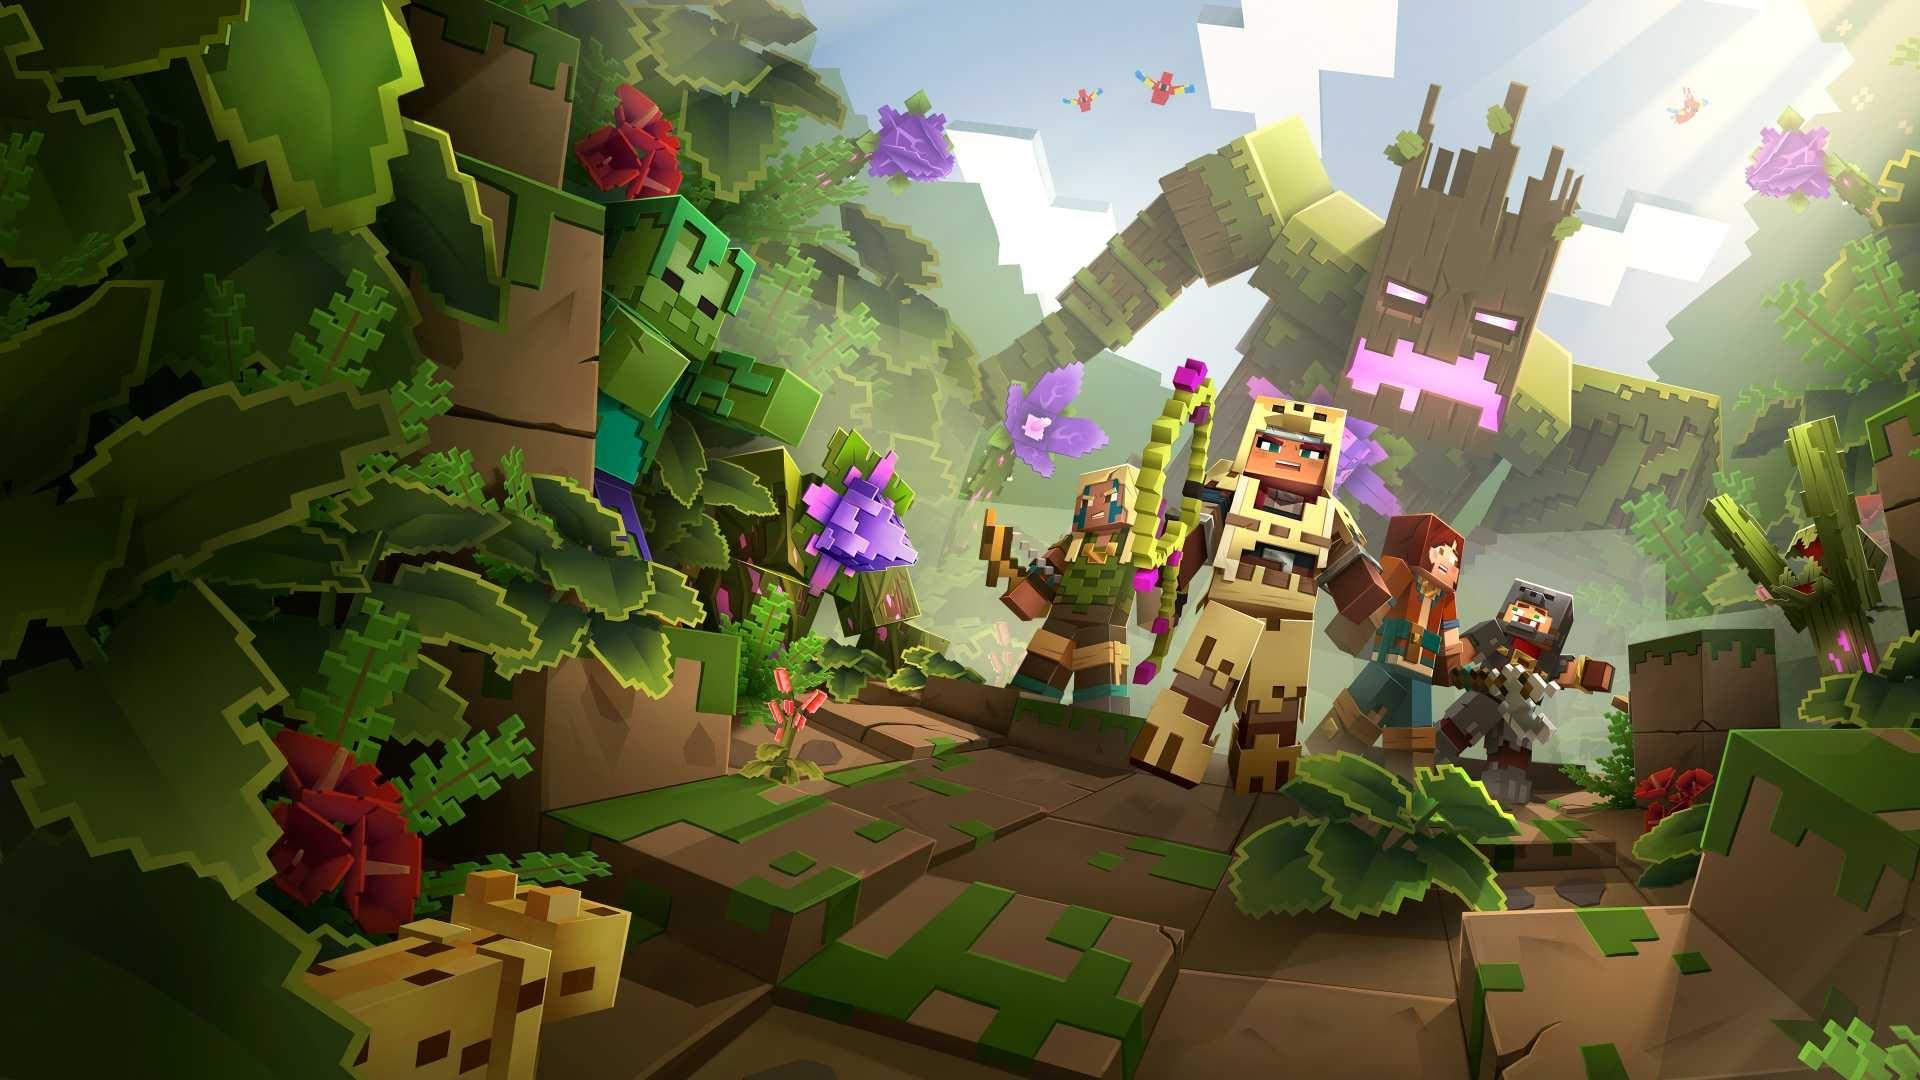 Minecraft windows background